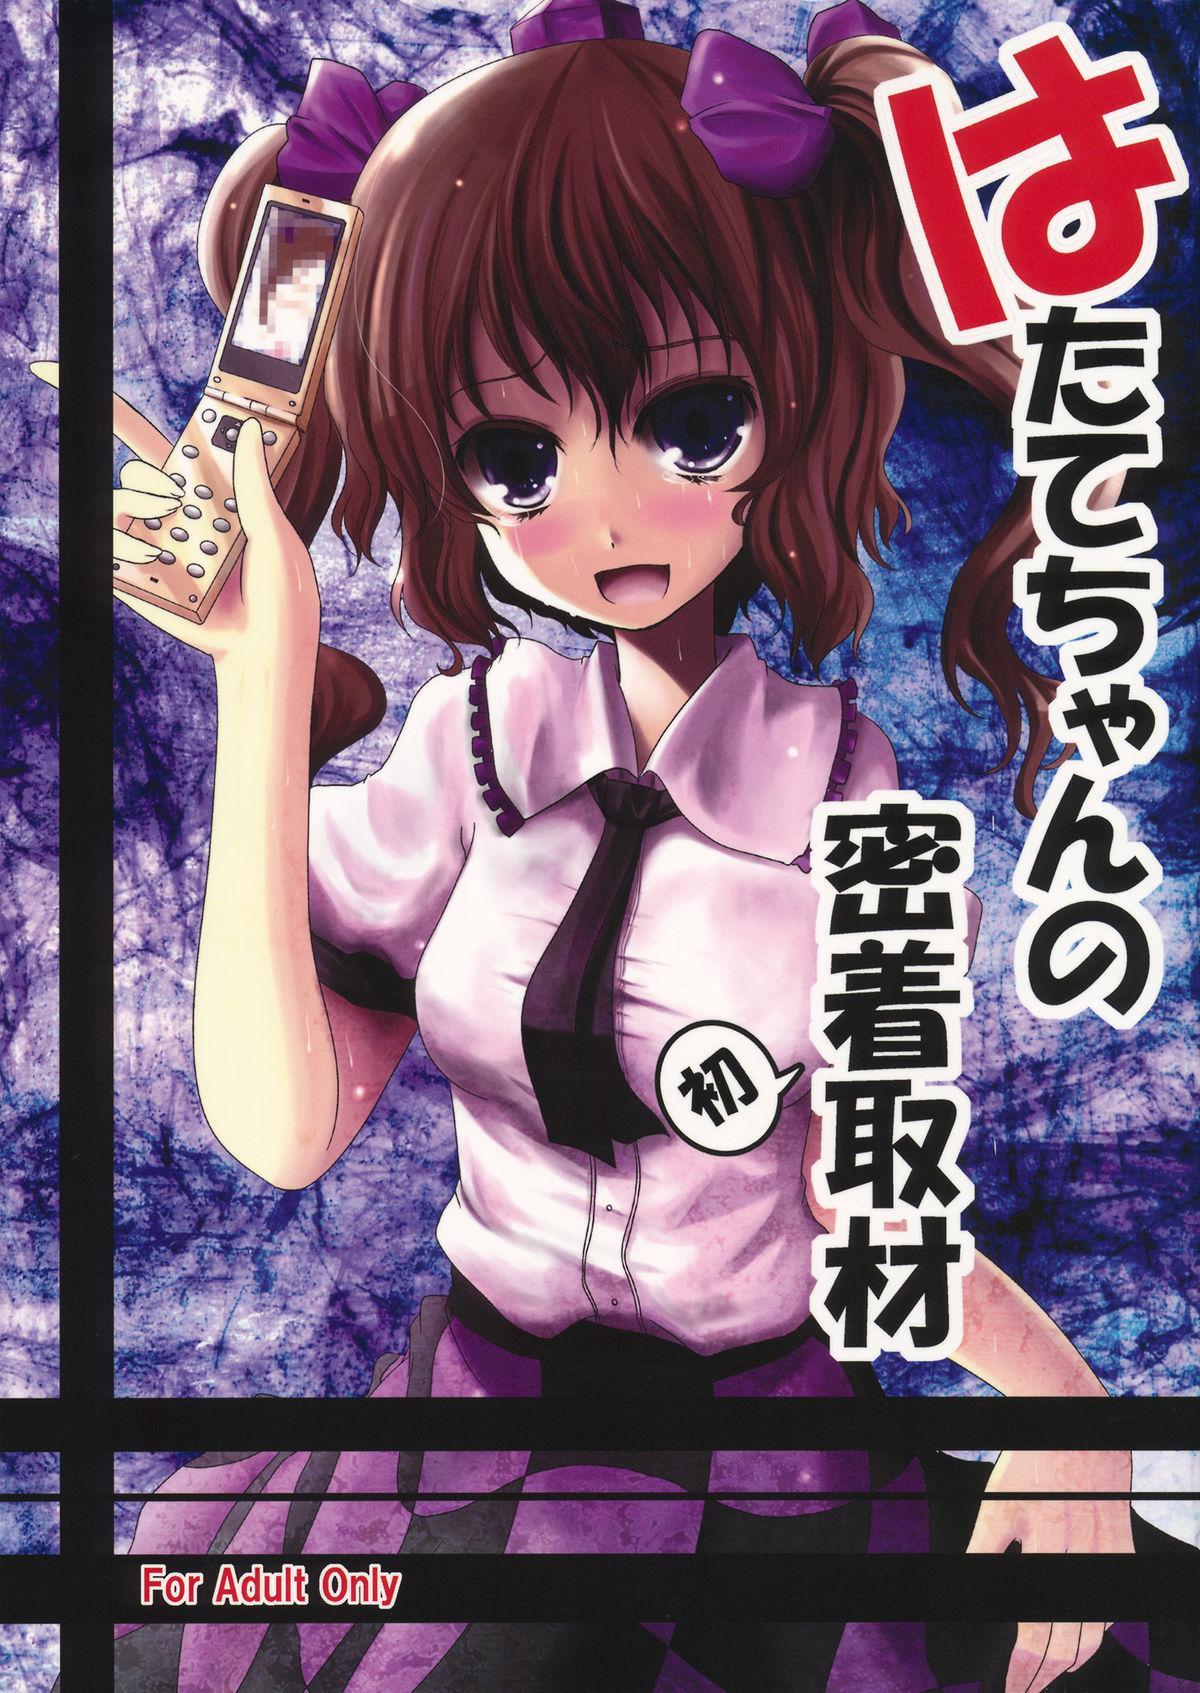 (Kouroumu 6) [Kitsune to Budou (Kurona)] Hatate-chan no Micchaku (Hatsu) Shuzai (Touhou Project) 0